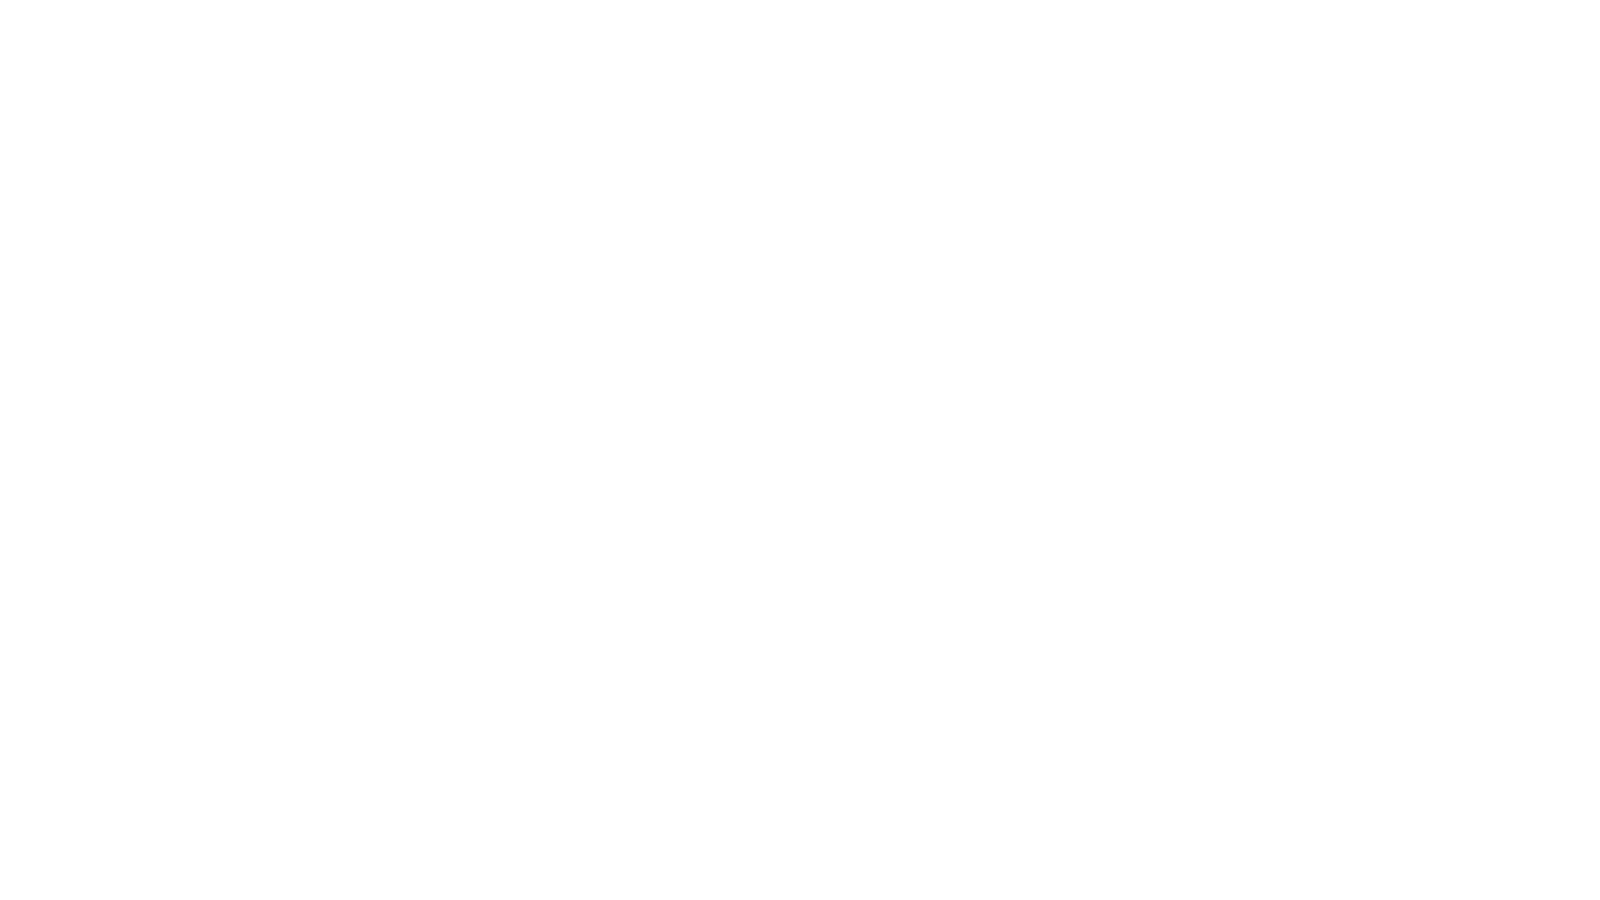 陰陽師の代名詞ともいえる平安時代の陰陽師「安倍晴明」のゆかりの地。晴明神社は晴明公の屋敷跡に建てられています。「晴明」を「せいめい」と読むのは有職読みであり、本来の読み方は厳密には確定していないと言われています。 安倍氏(土御門家)の祖。摂津国阿倍野(現・大阪市阿倍野区)に生まれ、陰陽師賀茂忠行・保憲父子に陰陽道を学び、天文道を伝授されています。 清明神社は「魔除け」「厄除け」としてご利益として有名で、映像内にもある五芒星の印にこめられたその意味は、陰陽道の基本概念となった陰陽五行説、木・火・土・金・水の5つの元素の働きの相克を表したものであり、あらゆる魔除けの呪符として重宝されました。  #晴明神社 #陰陽師 #安倍晴明 #京都 #パワースポット